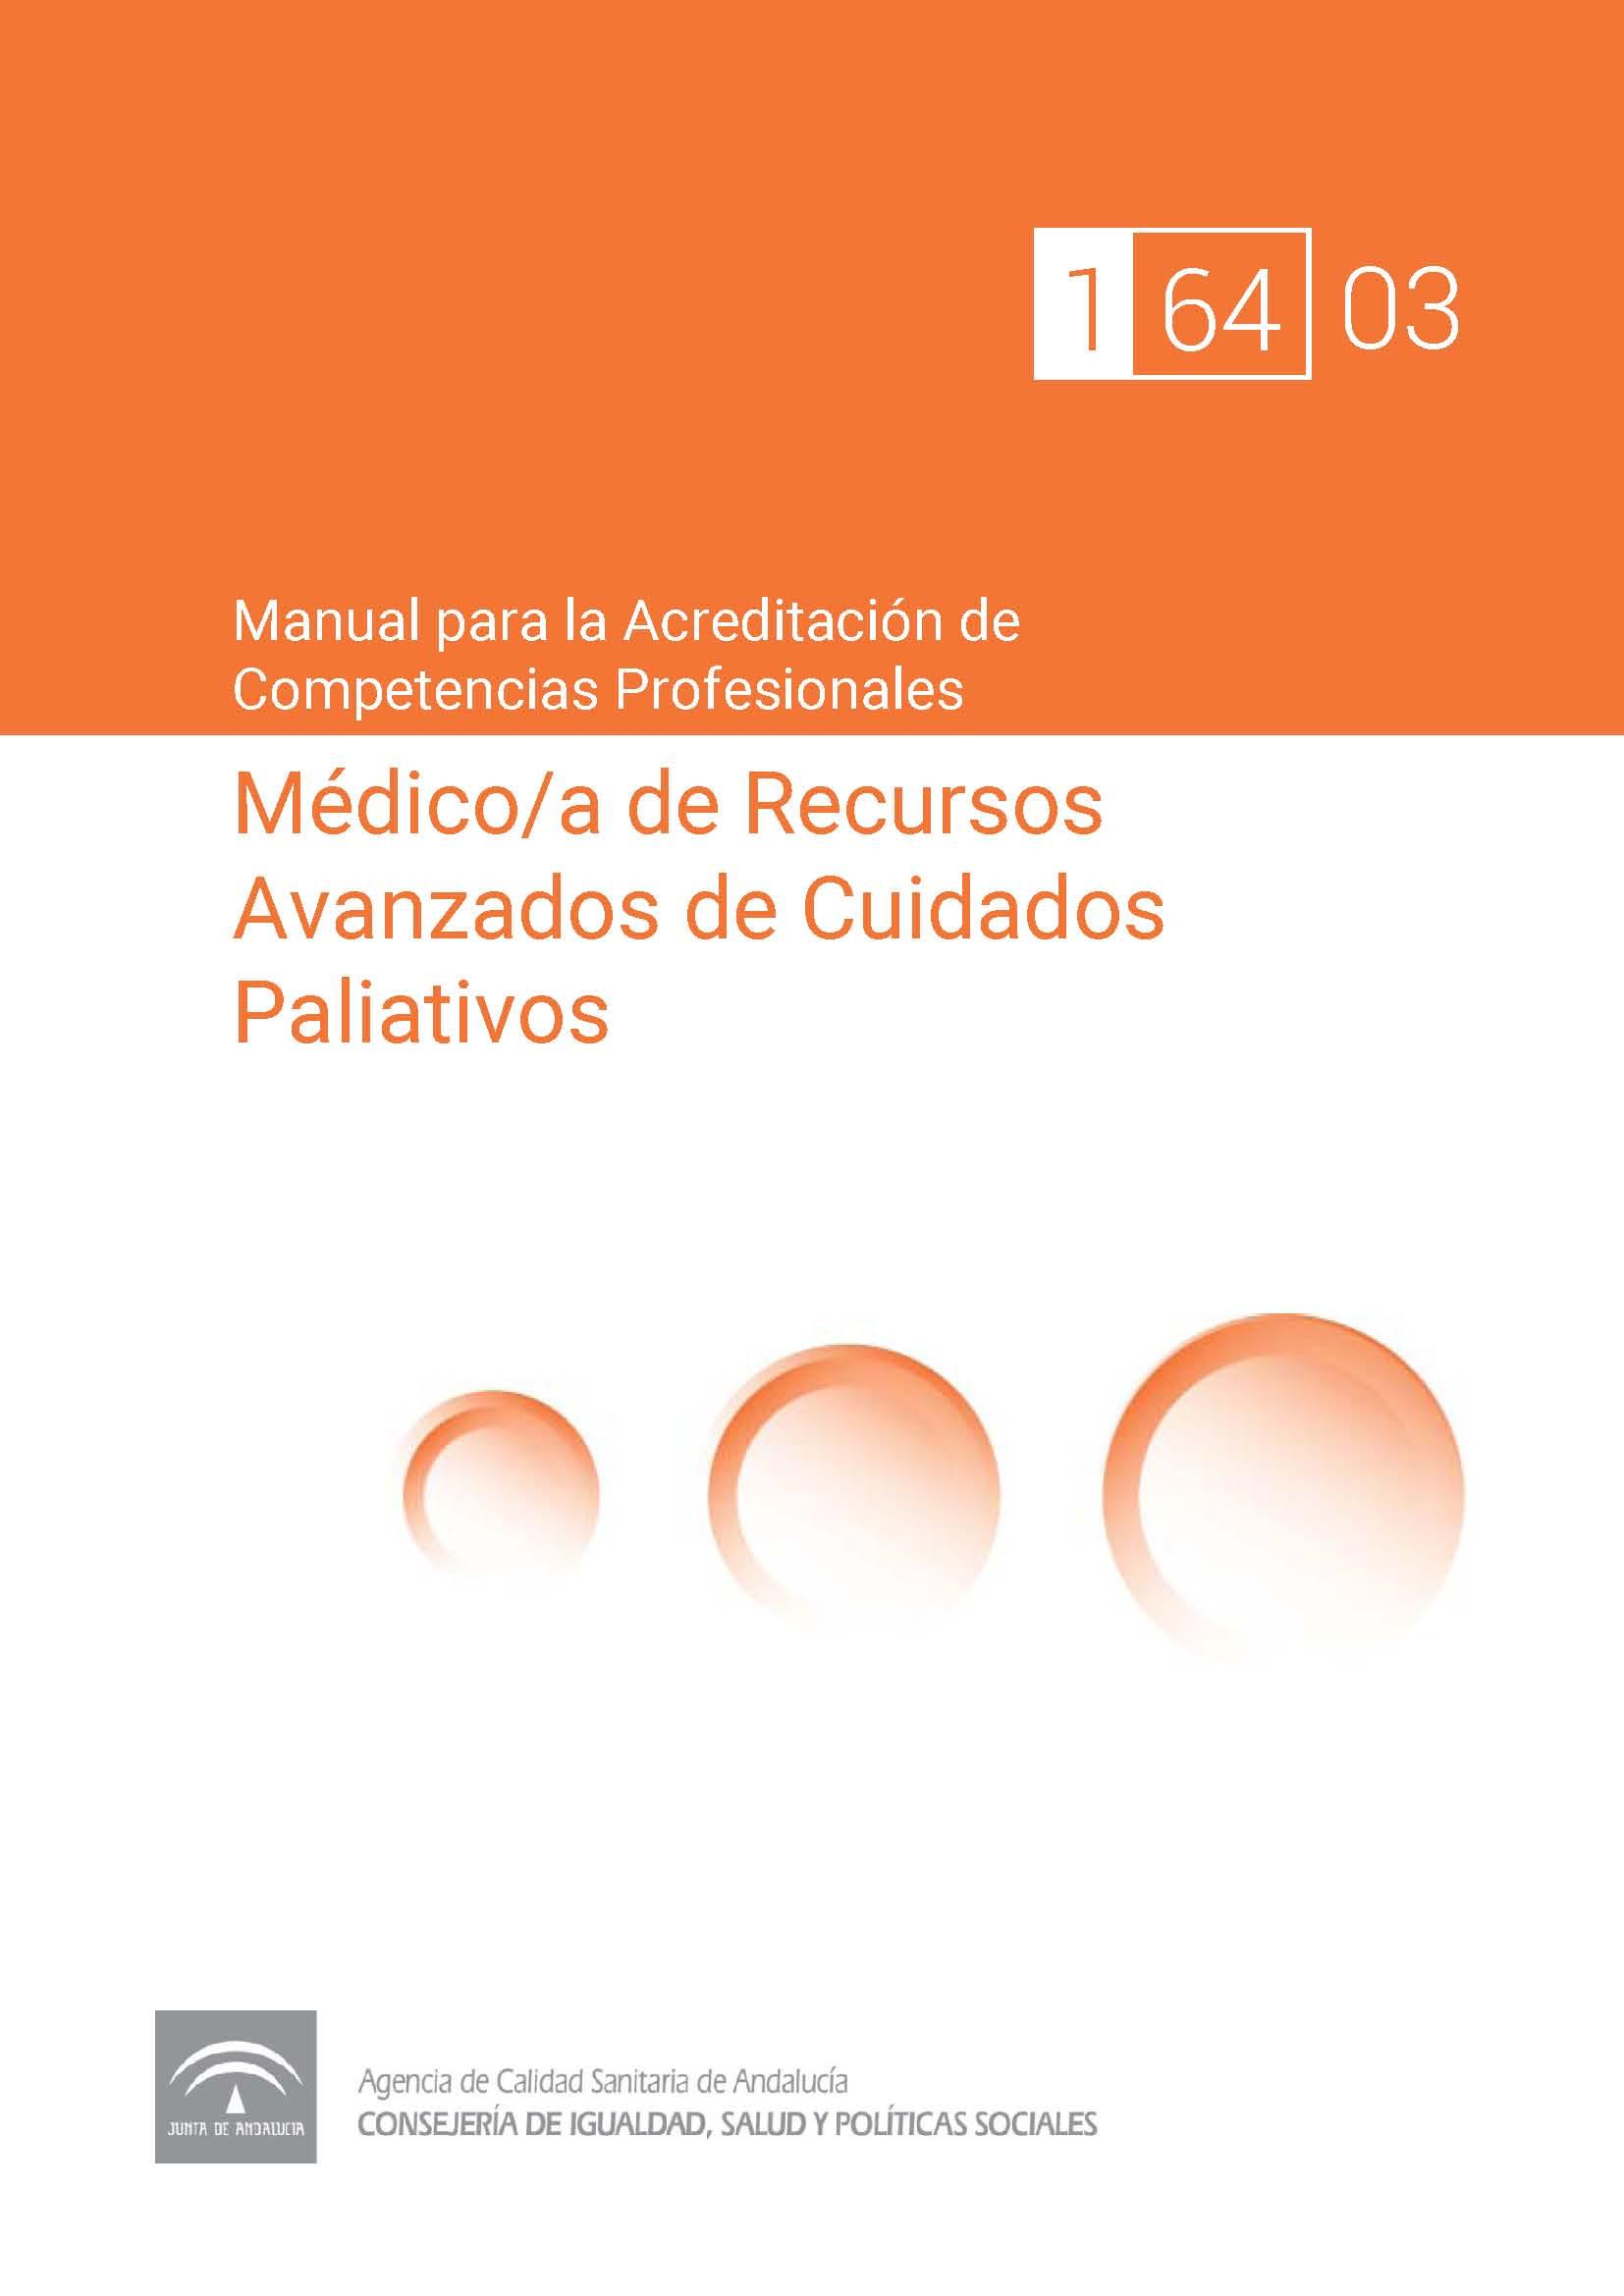 Manual de competencias profesionales del/de la Médico/a de Recursos Avanzados de Cuidados Paliativos